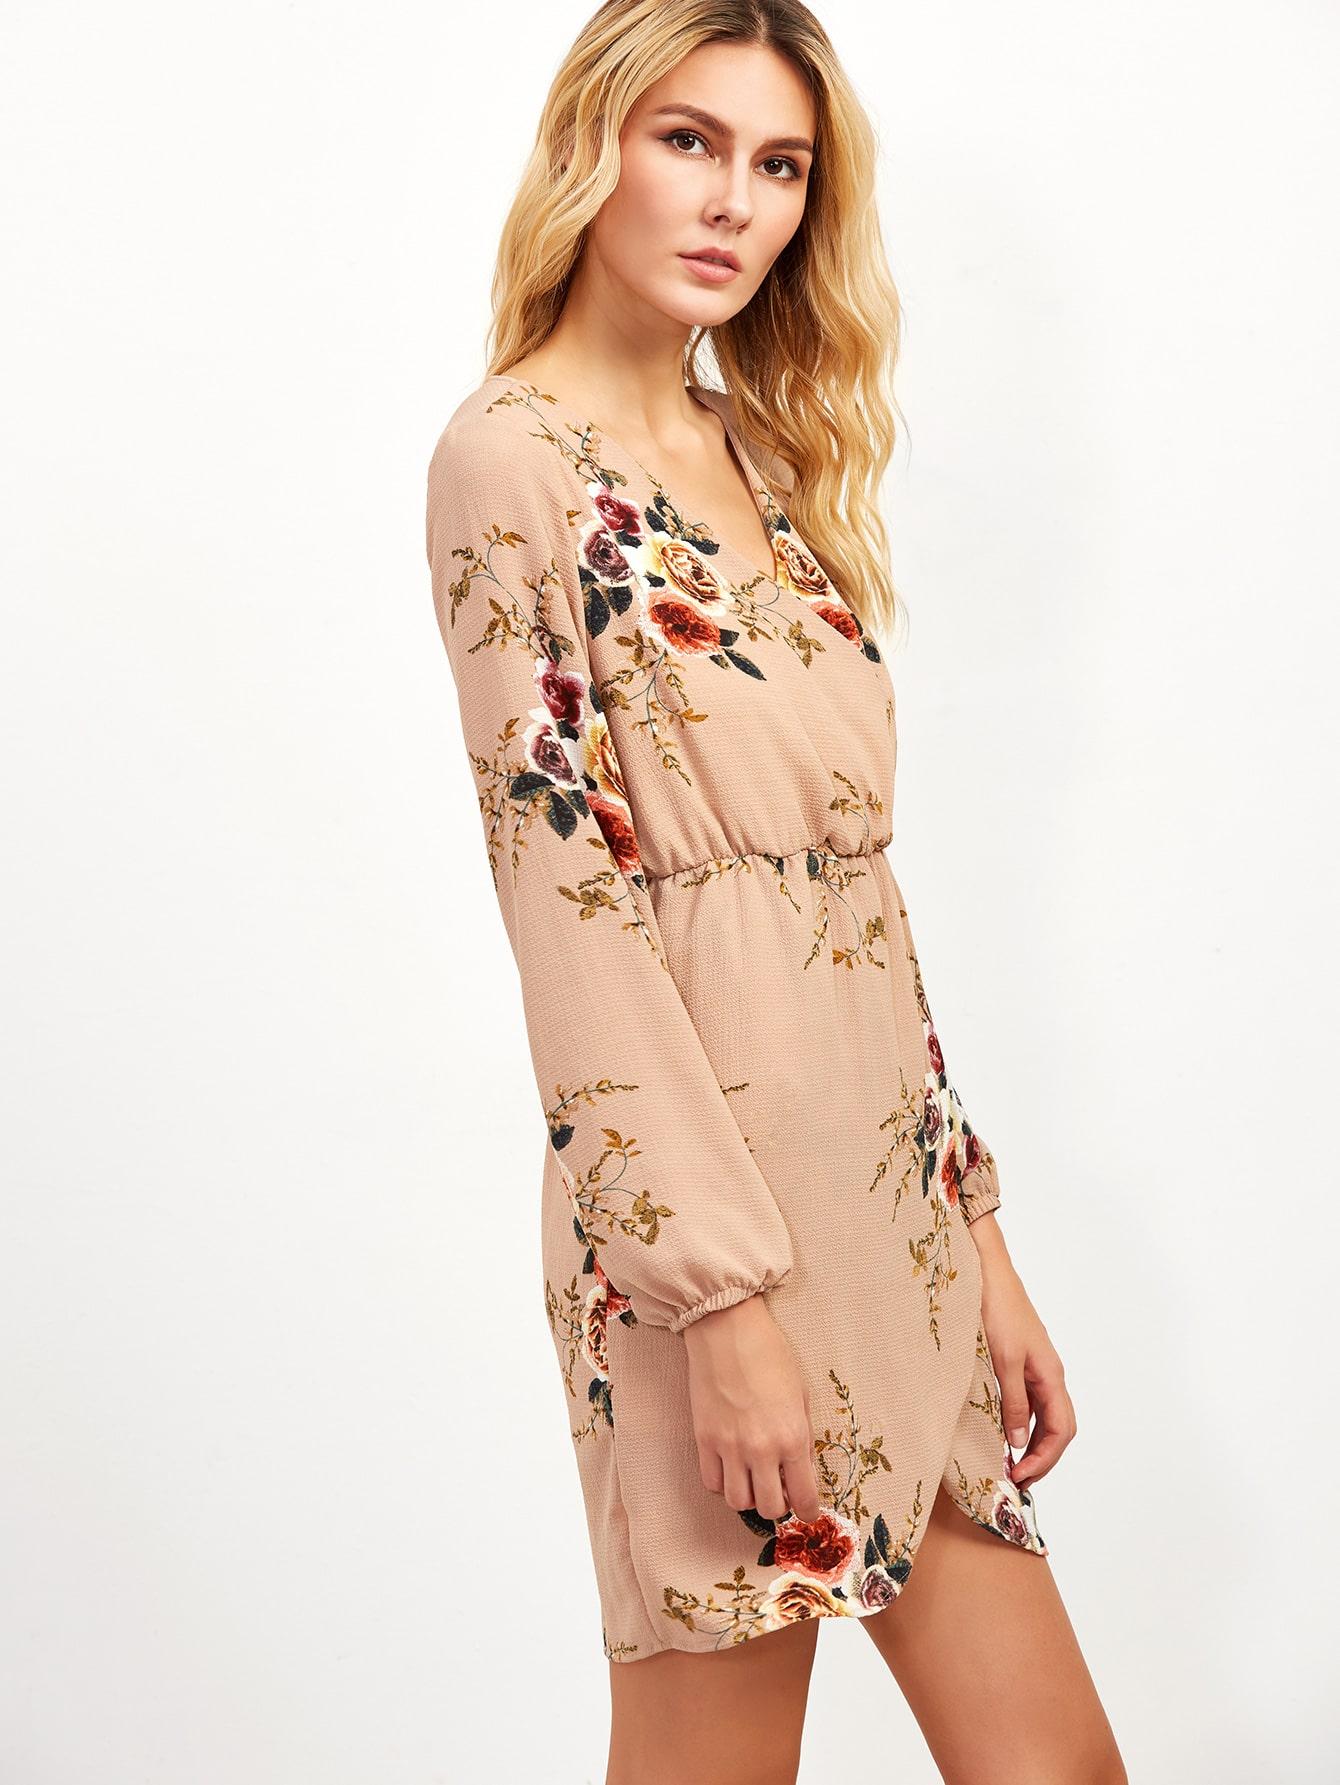 dress161004402_2